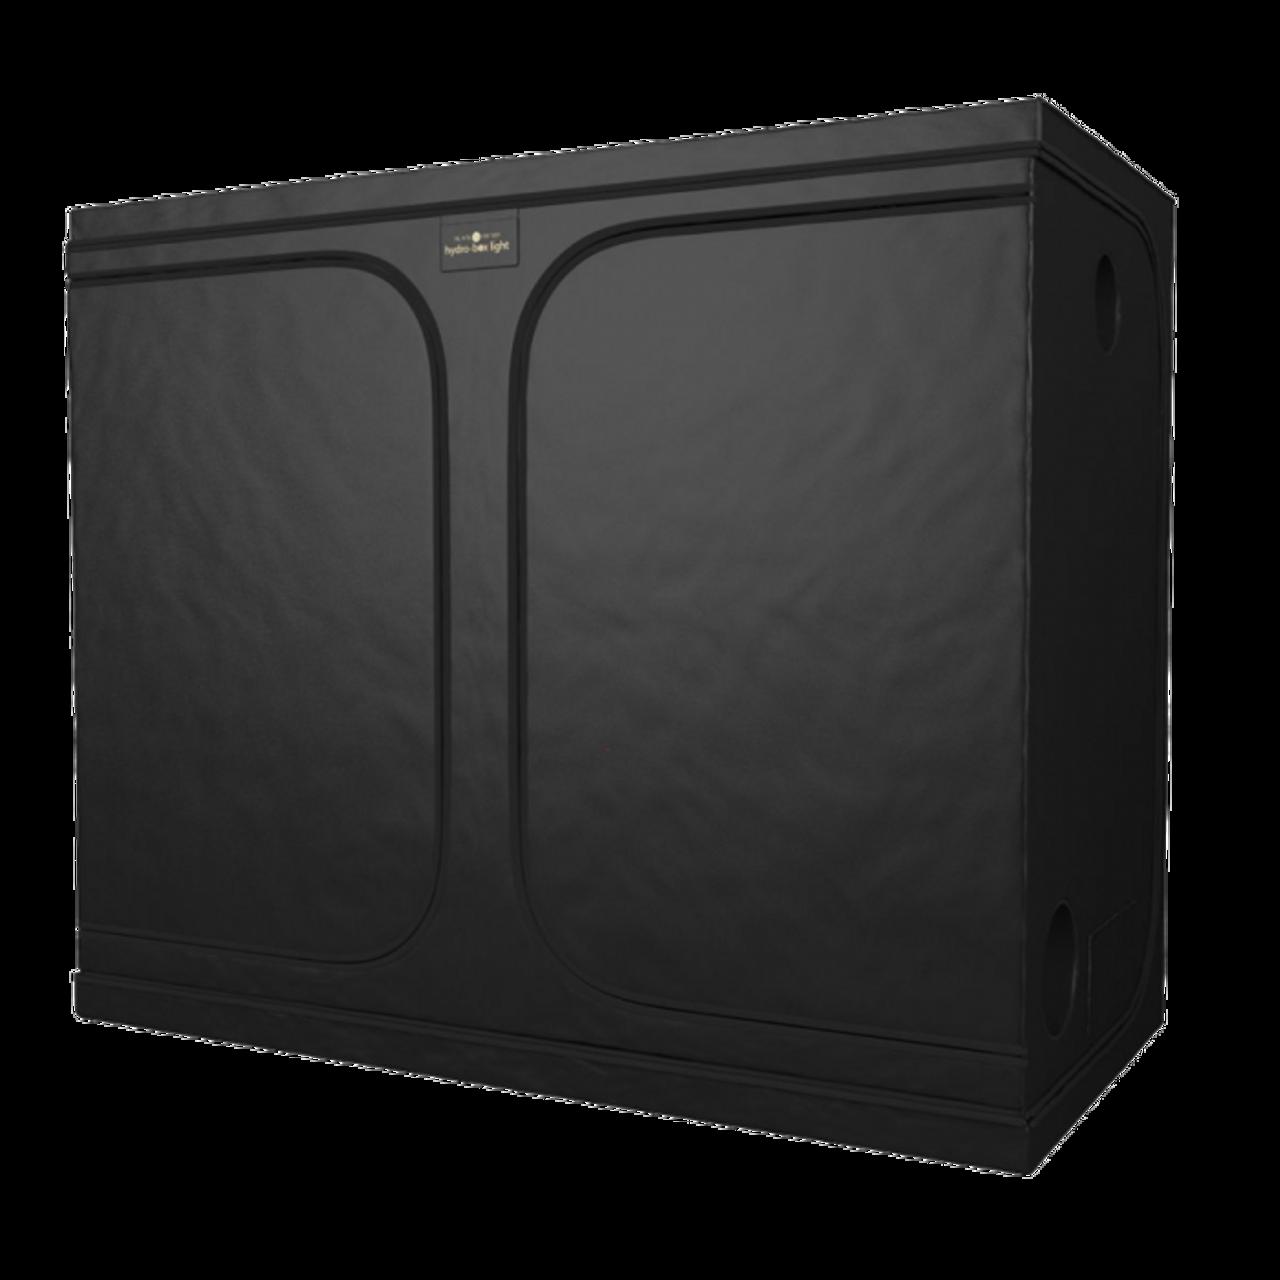 BLACK ORCHID 120x120x225 Hydroponics Grow Tent